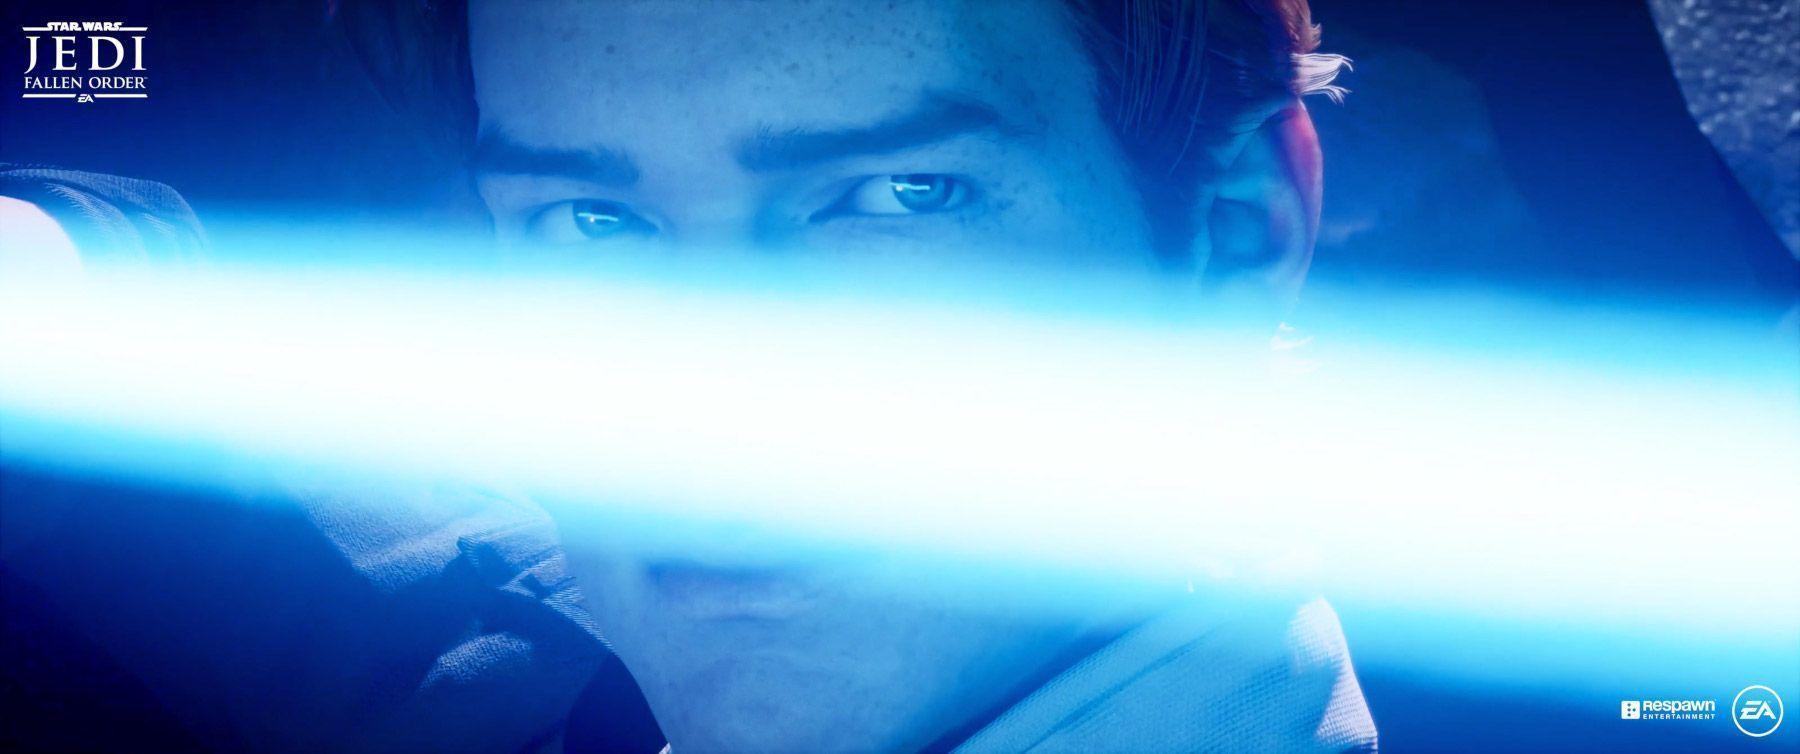 Star Wars Jedi Fallen Order Kuva 3